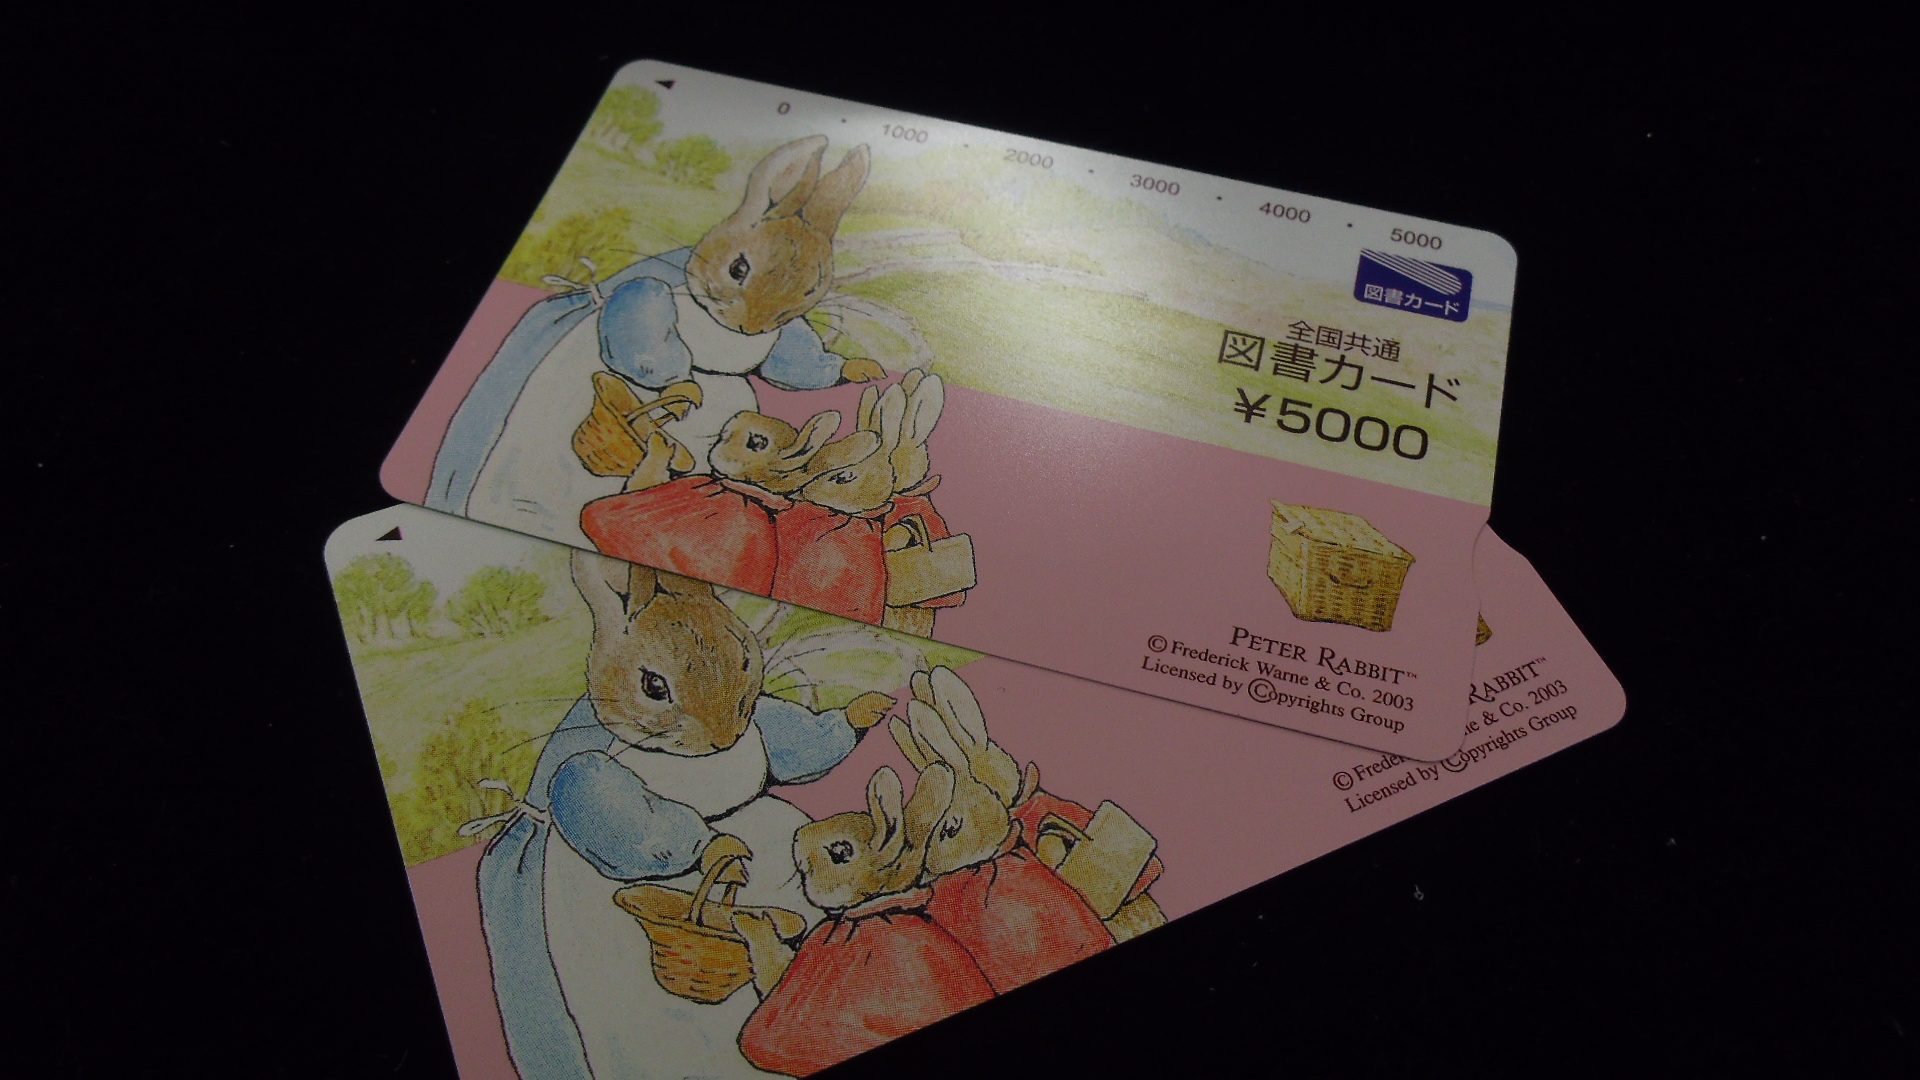 お買い取り品 金券 図書カード